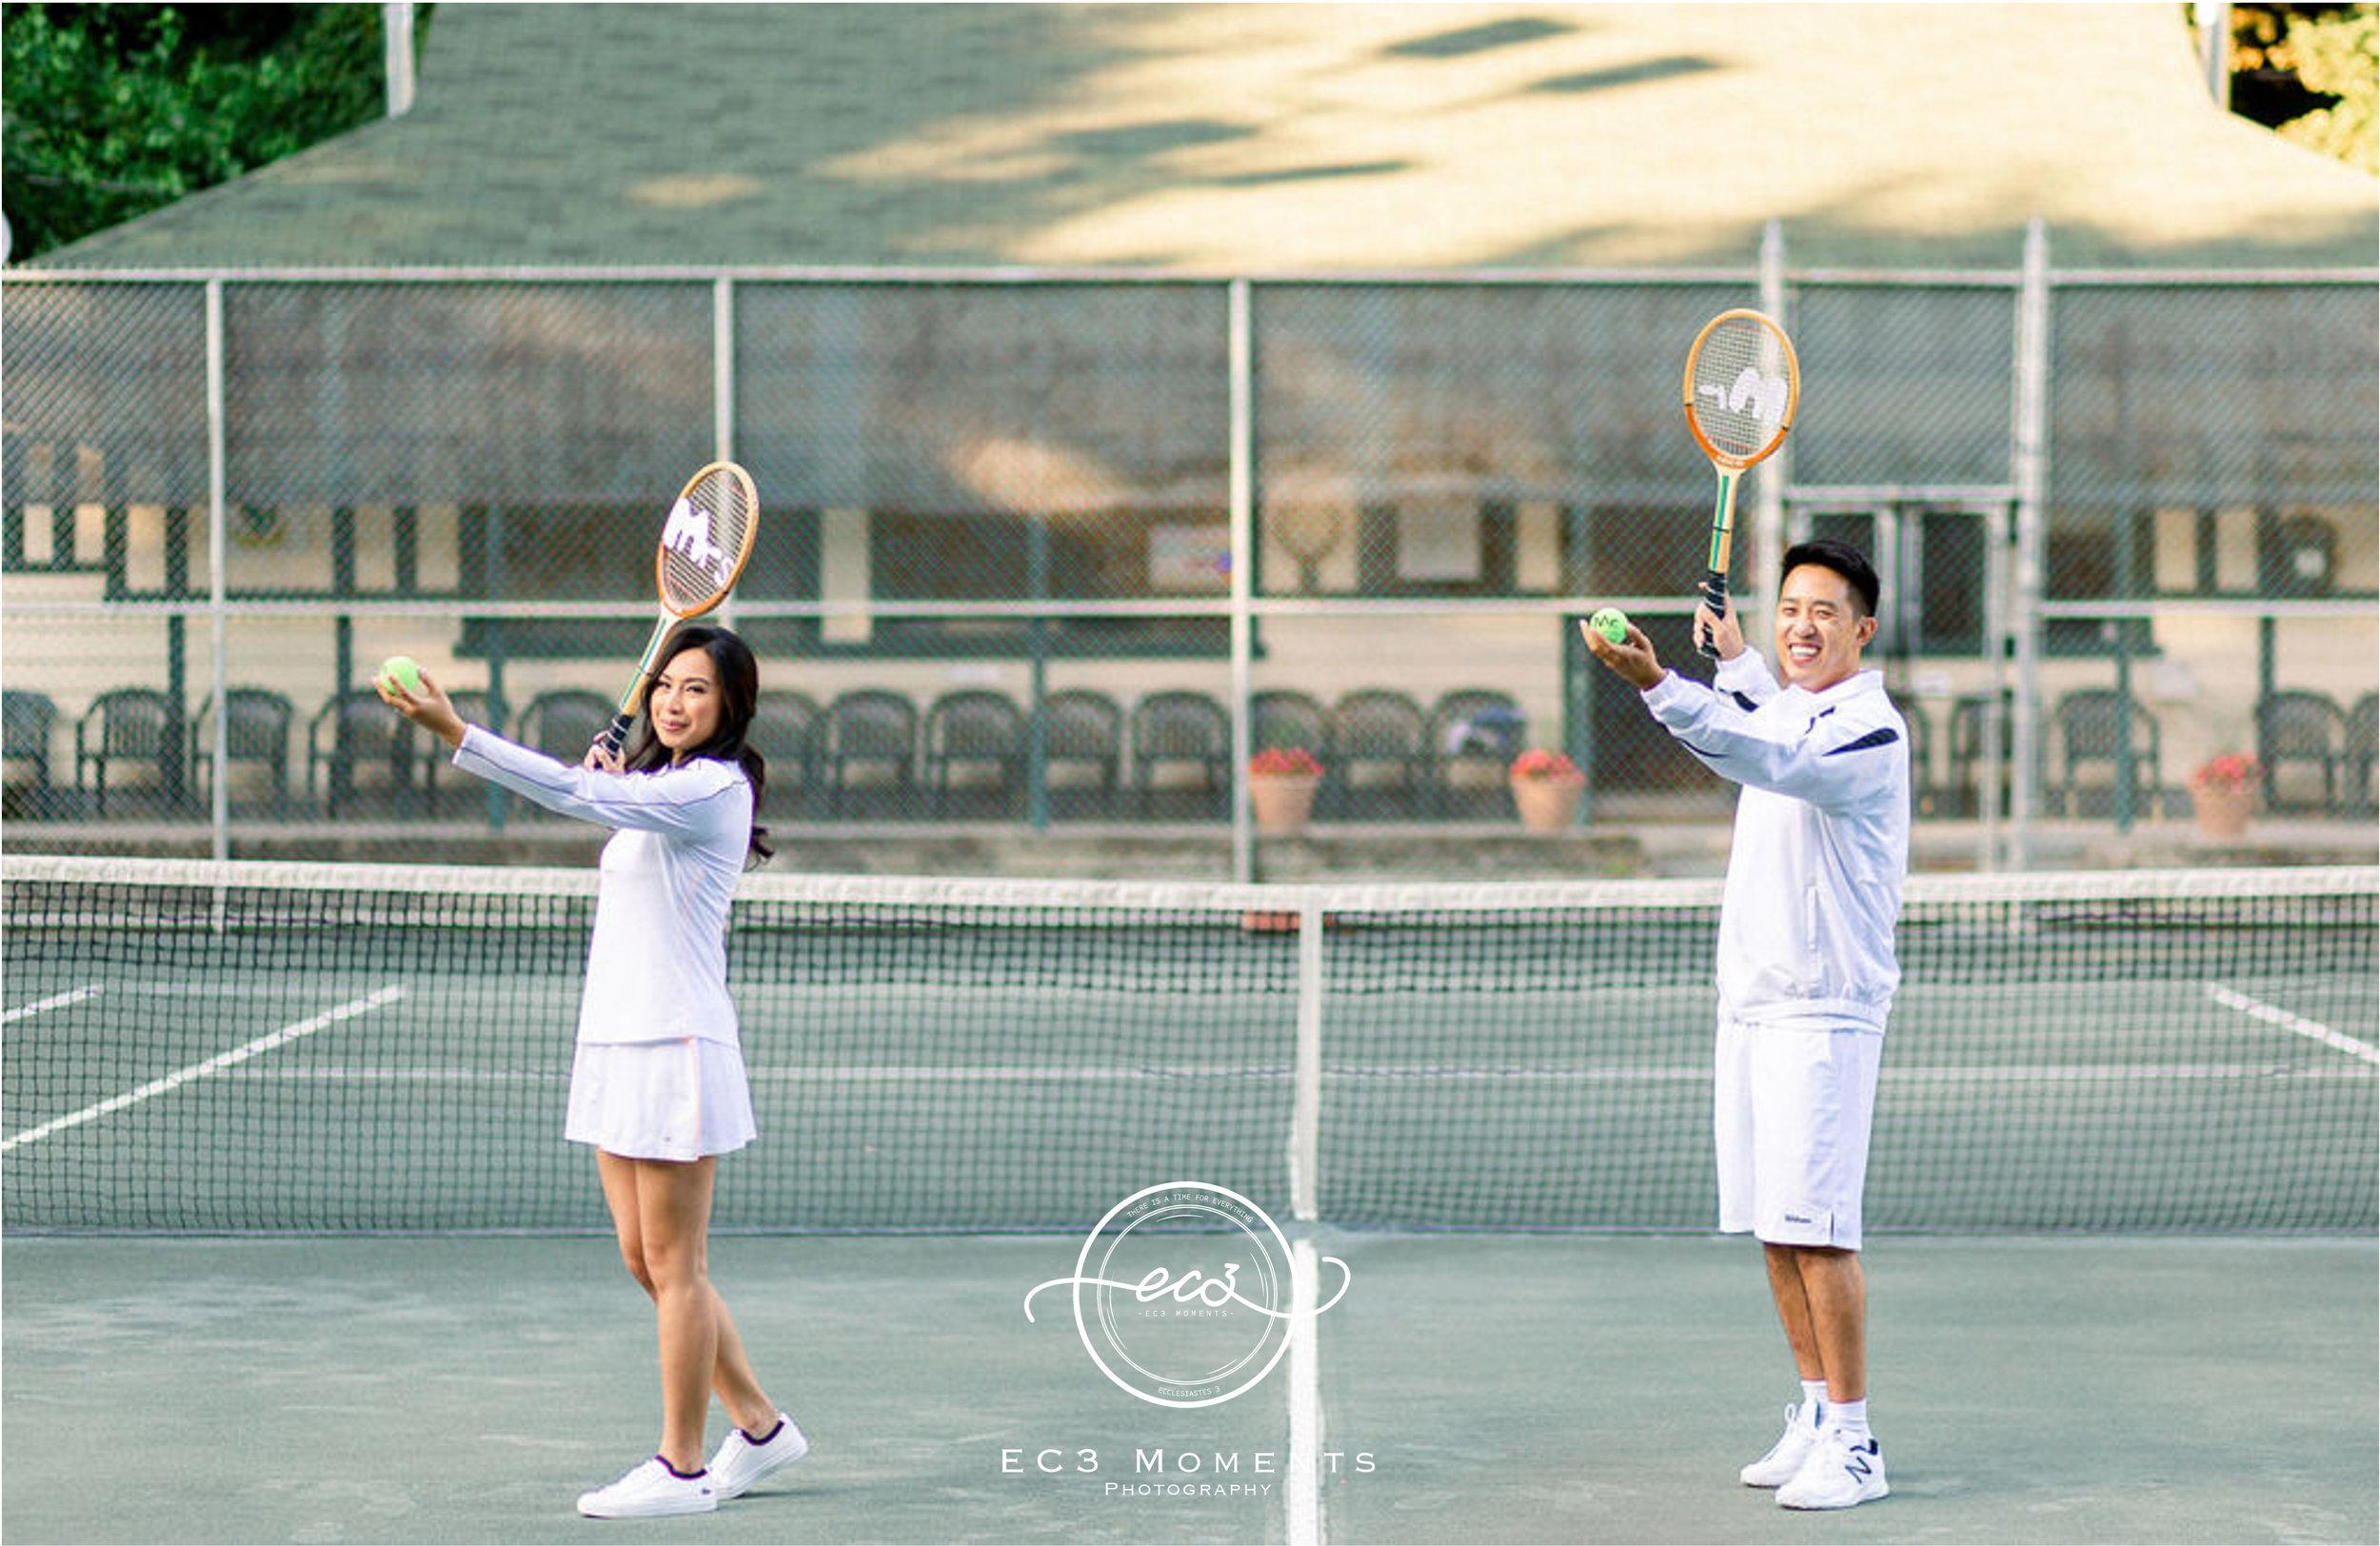 Alexander Muir Memorial Gardens Tennis Court Toronto Engagement 15.jpg